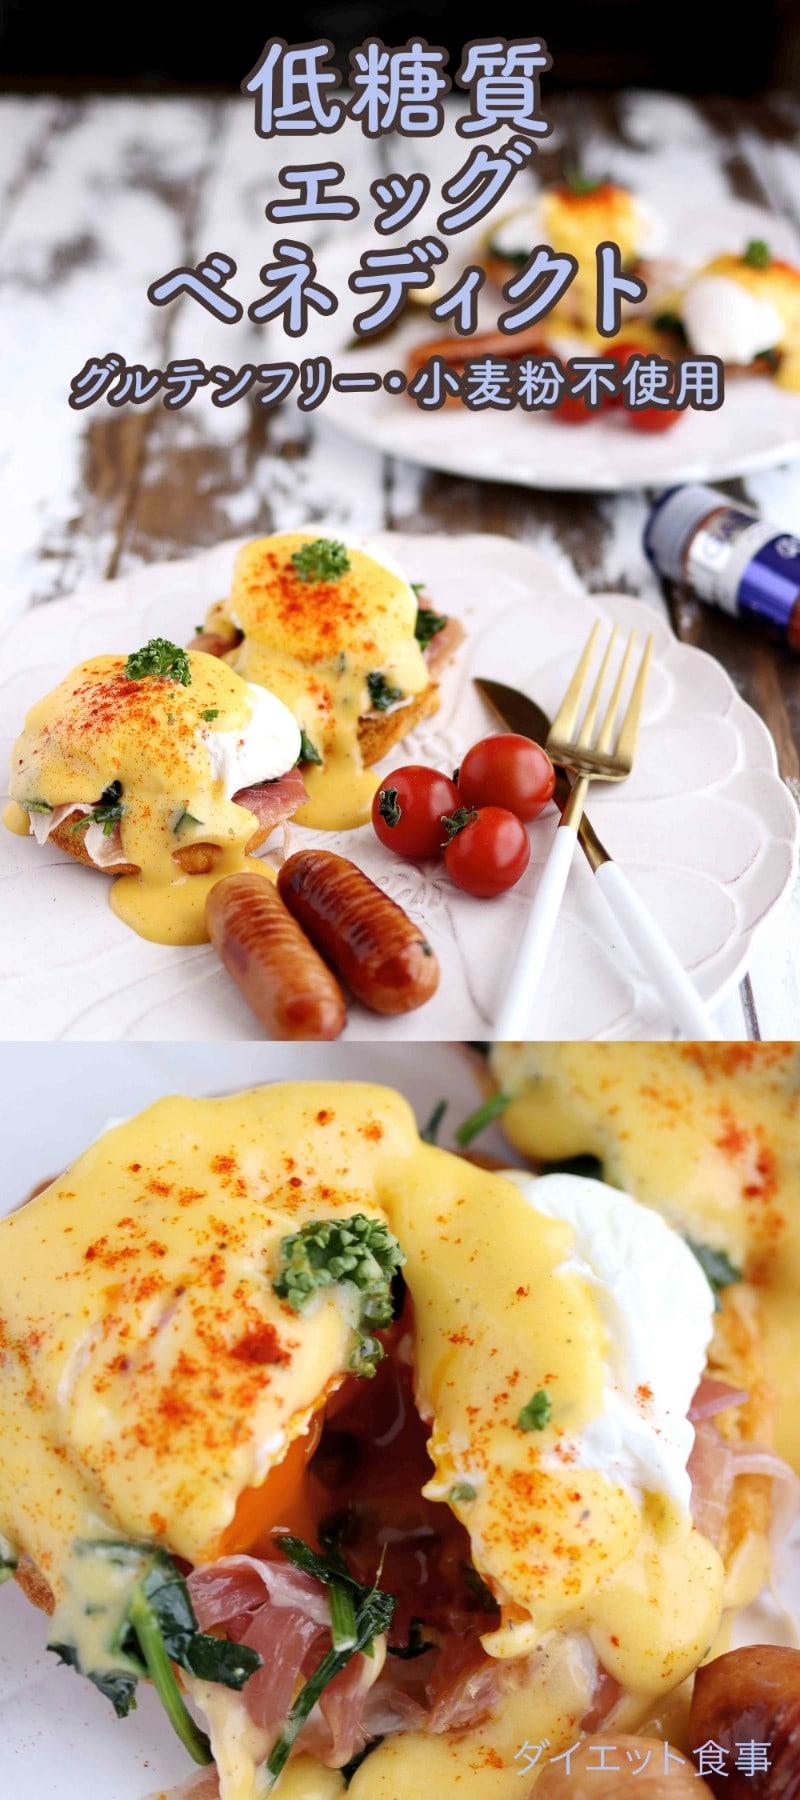 簡単なエッグベネディクトの作り方・うちのダイエット食事・本格的なエッグベネディクトの作り方!バターで作られてオランデーズソースを使って、低糖質のもちもちチーズパンも使用しました!#エッグベネディクト #オランデーズソース #低糖質 #朝ごはん #グルテンフリー #スパイス大使